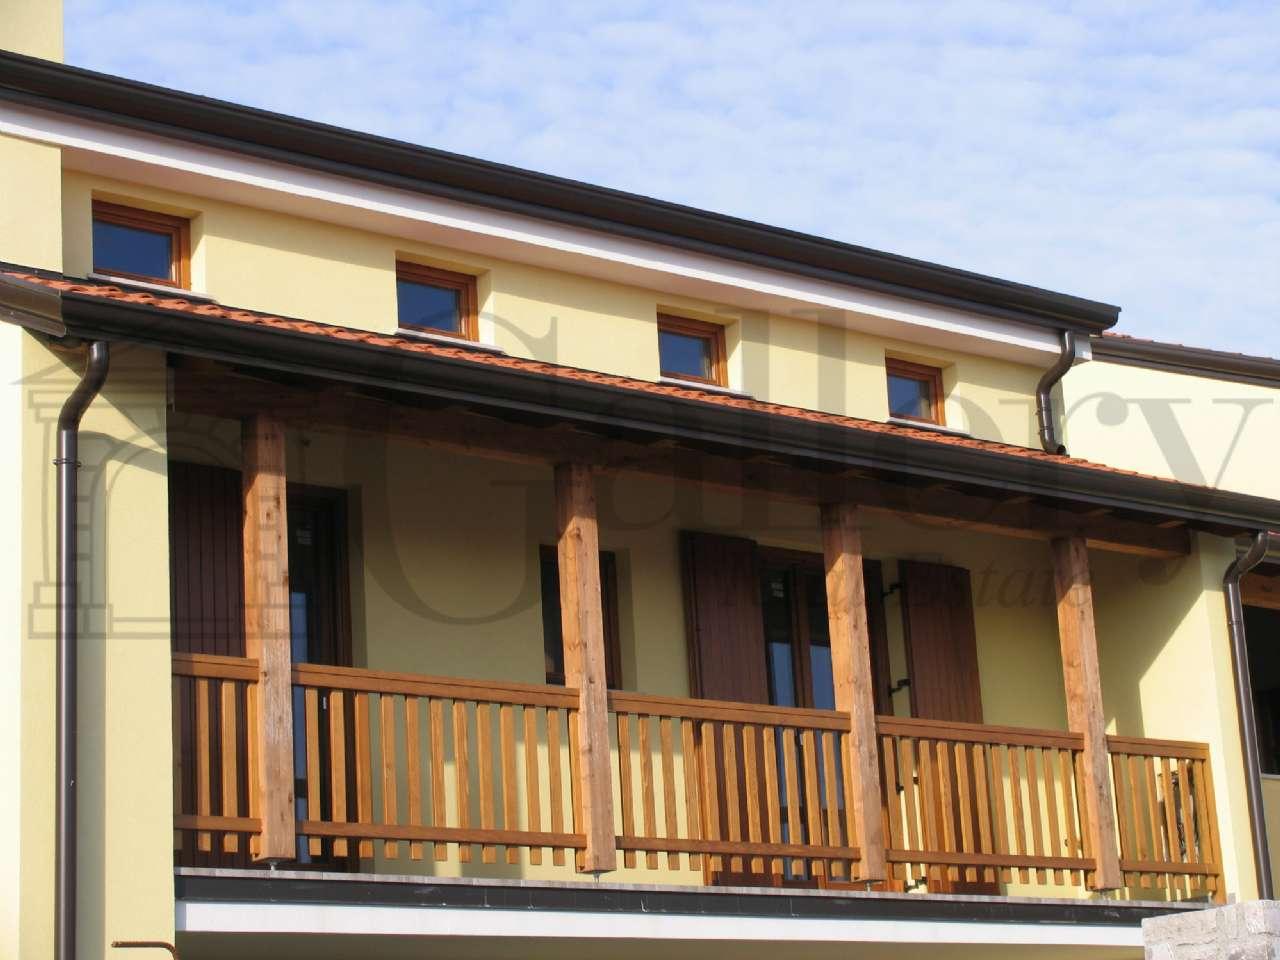 Basovizza vicinanze centro abitato, Nuovo appartamento in bifamiliare , foto 7